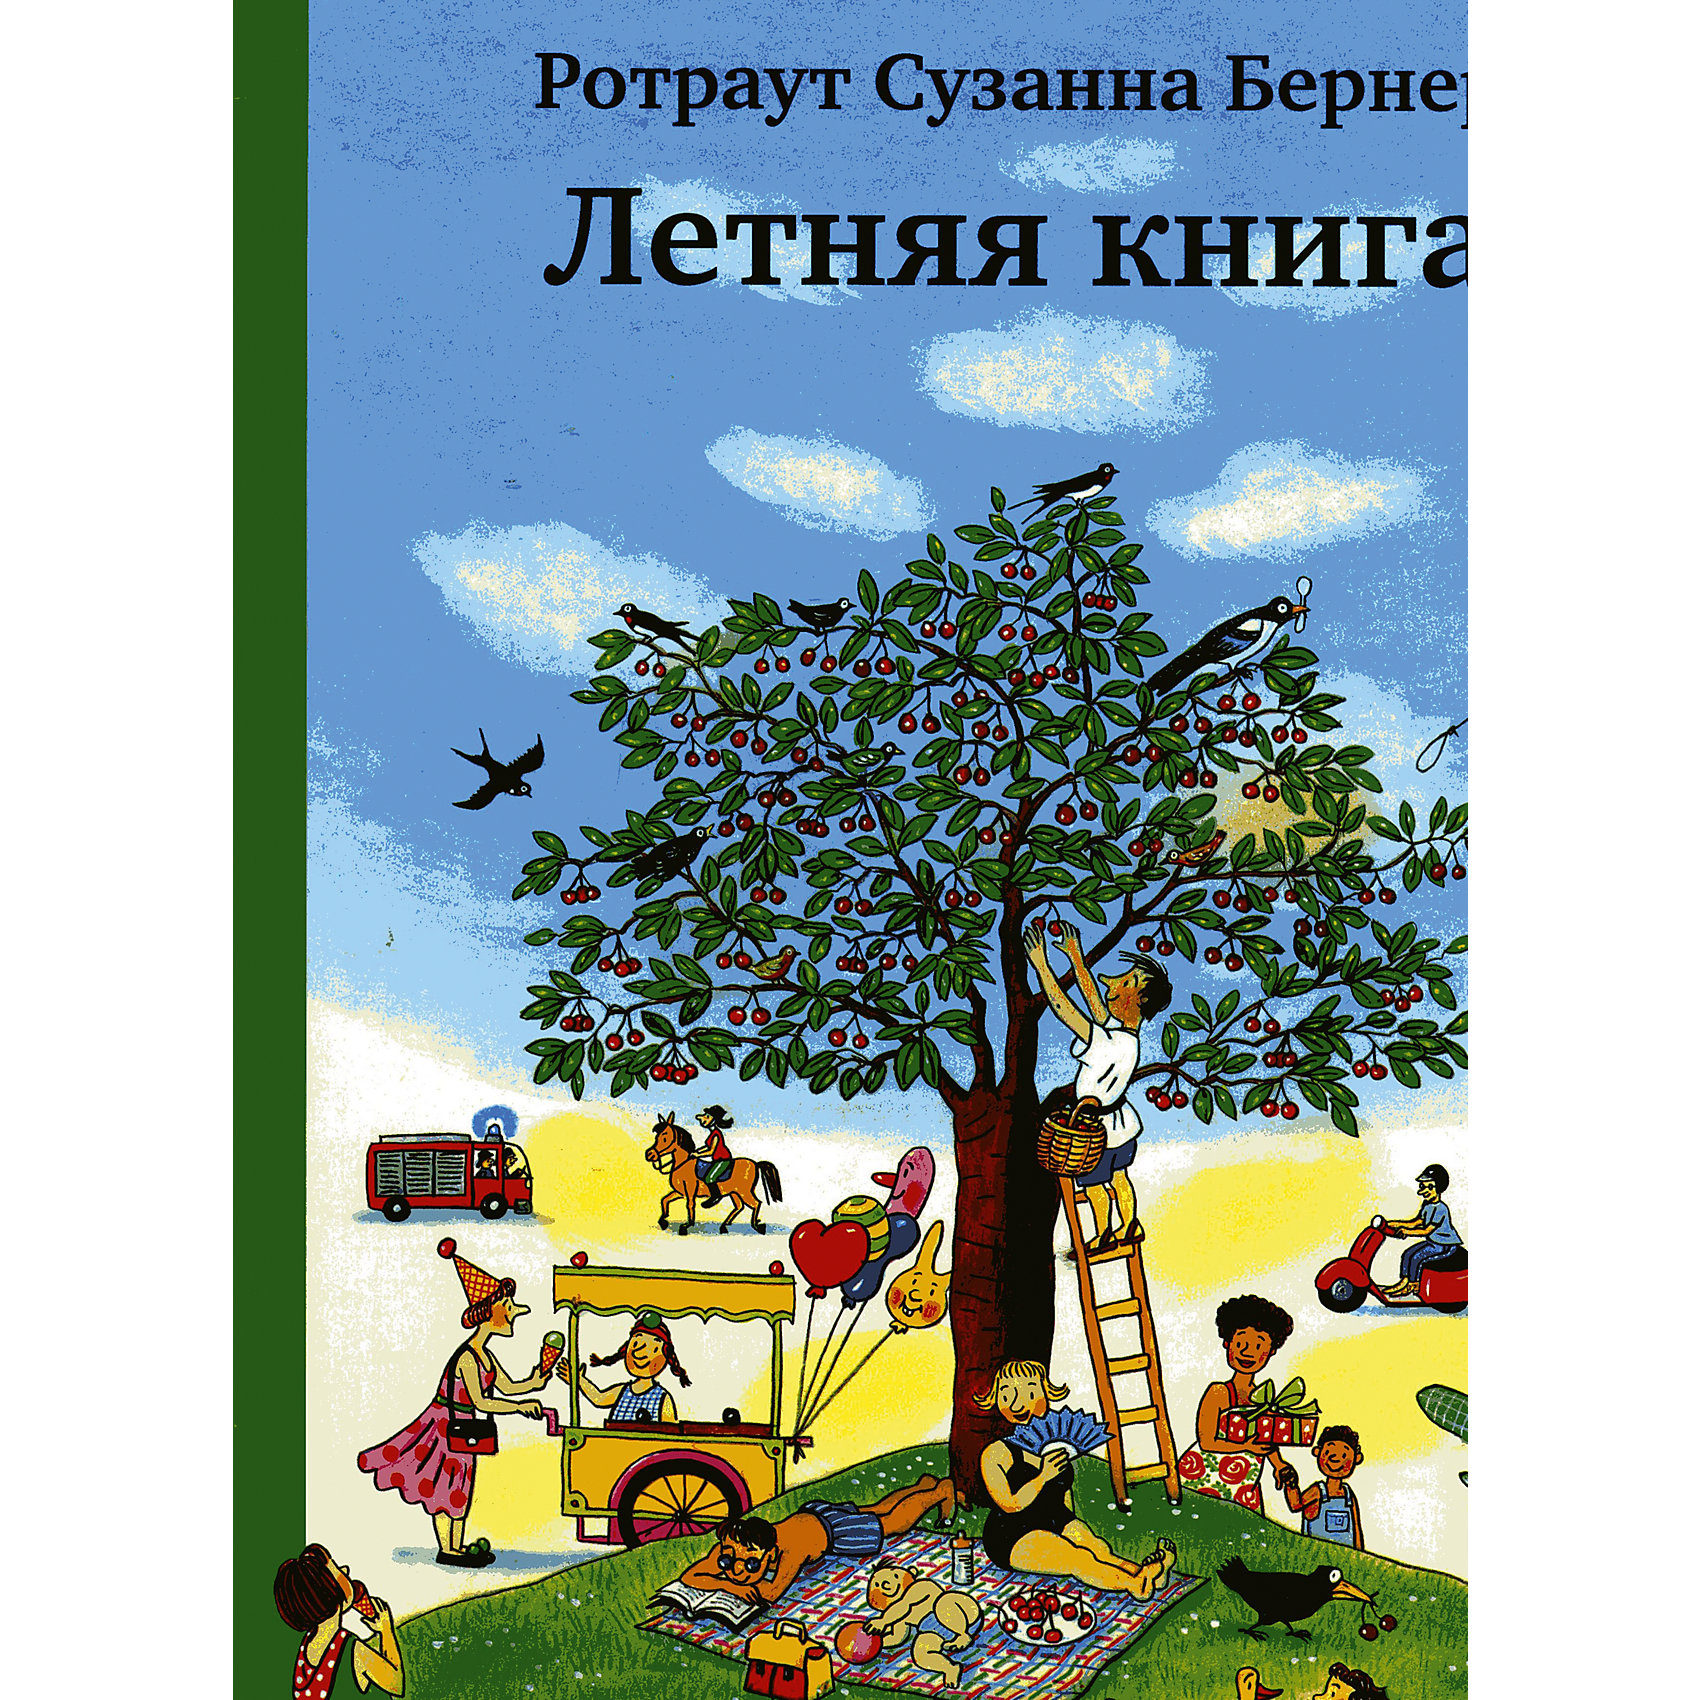 Самокат Летняя книга, Р.С. Бернер аб серкл про купить в смоленске